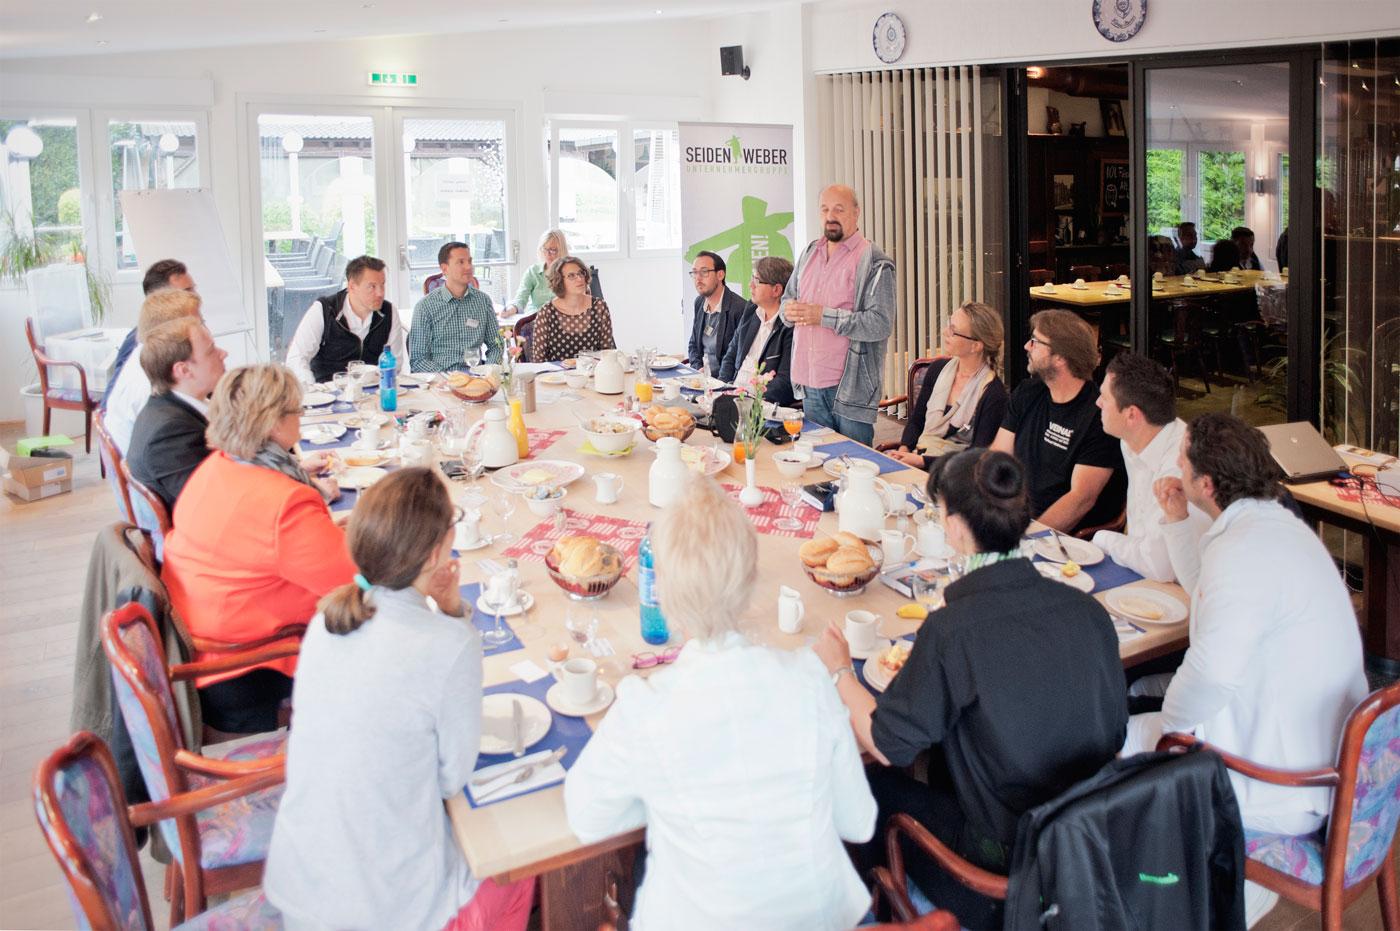 Morgens um sieben ist die Welt schwer in Ordnung - Total lokal: Die Seidenweber-Unternehmergruppe